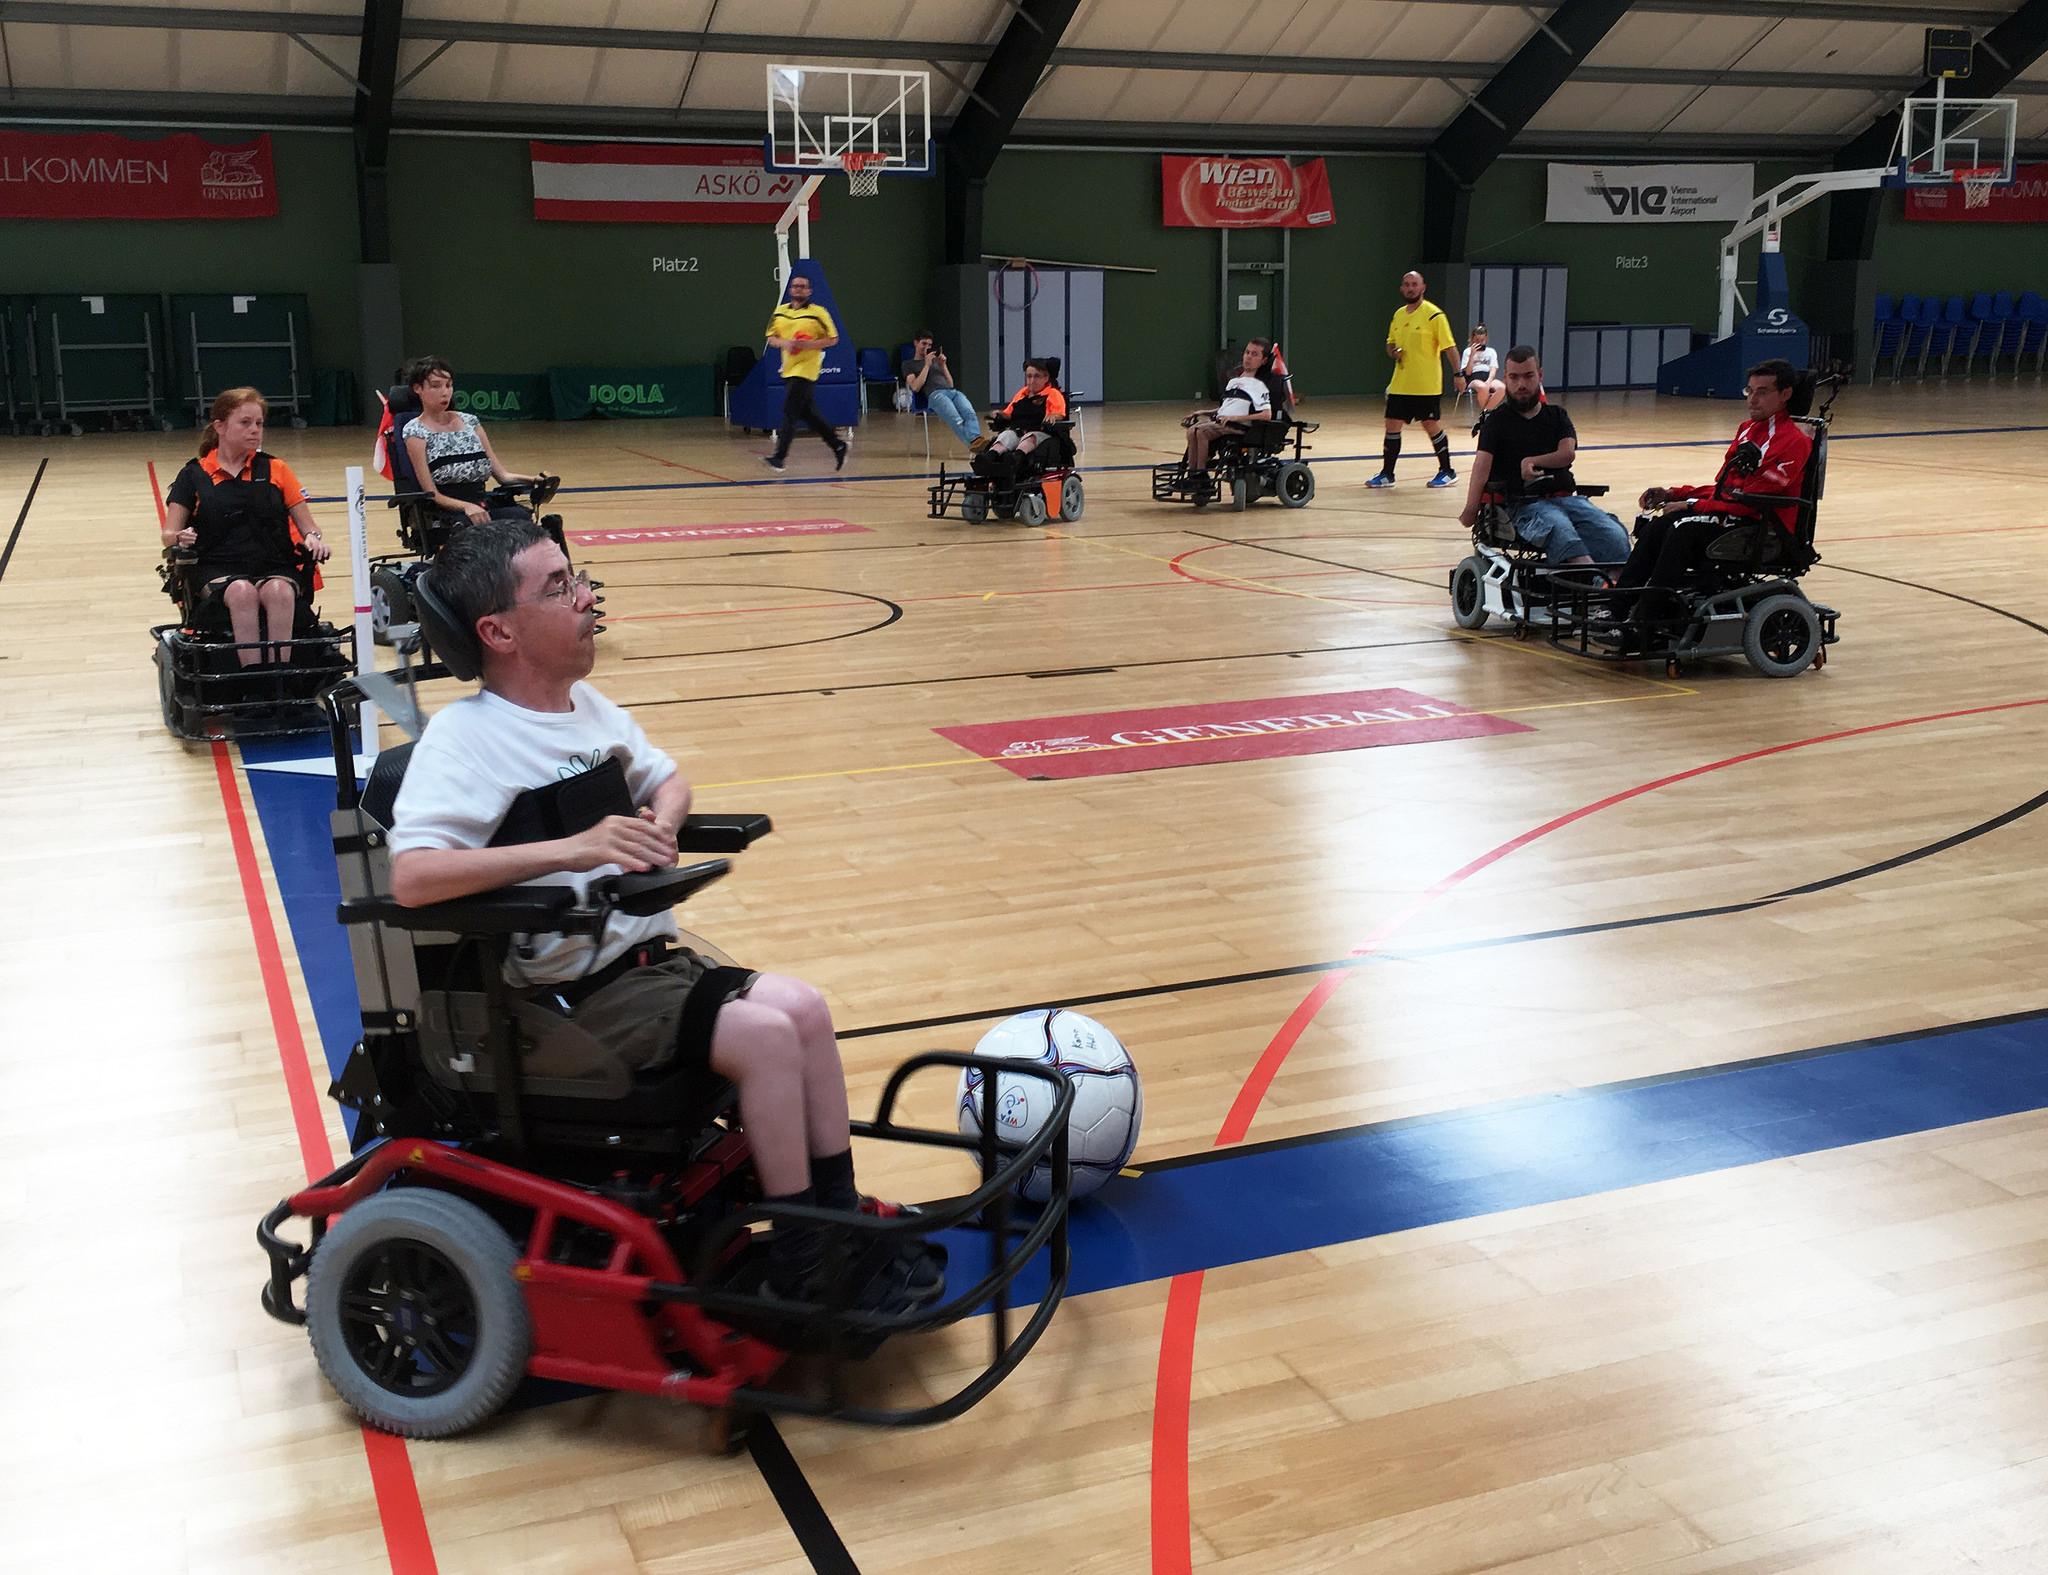 Trainingslager E-Rolli Fußball von 10. bis 13. Juli 2017 in Wien